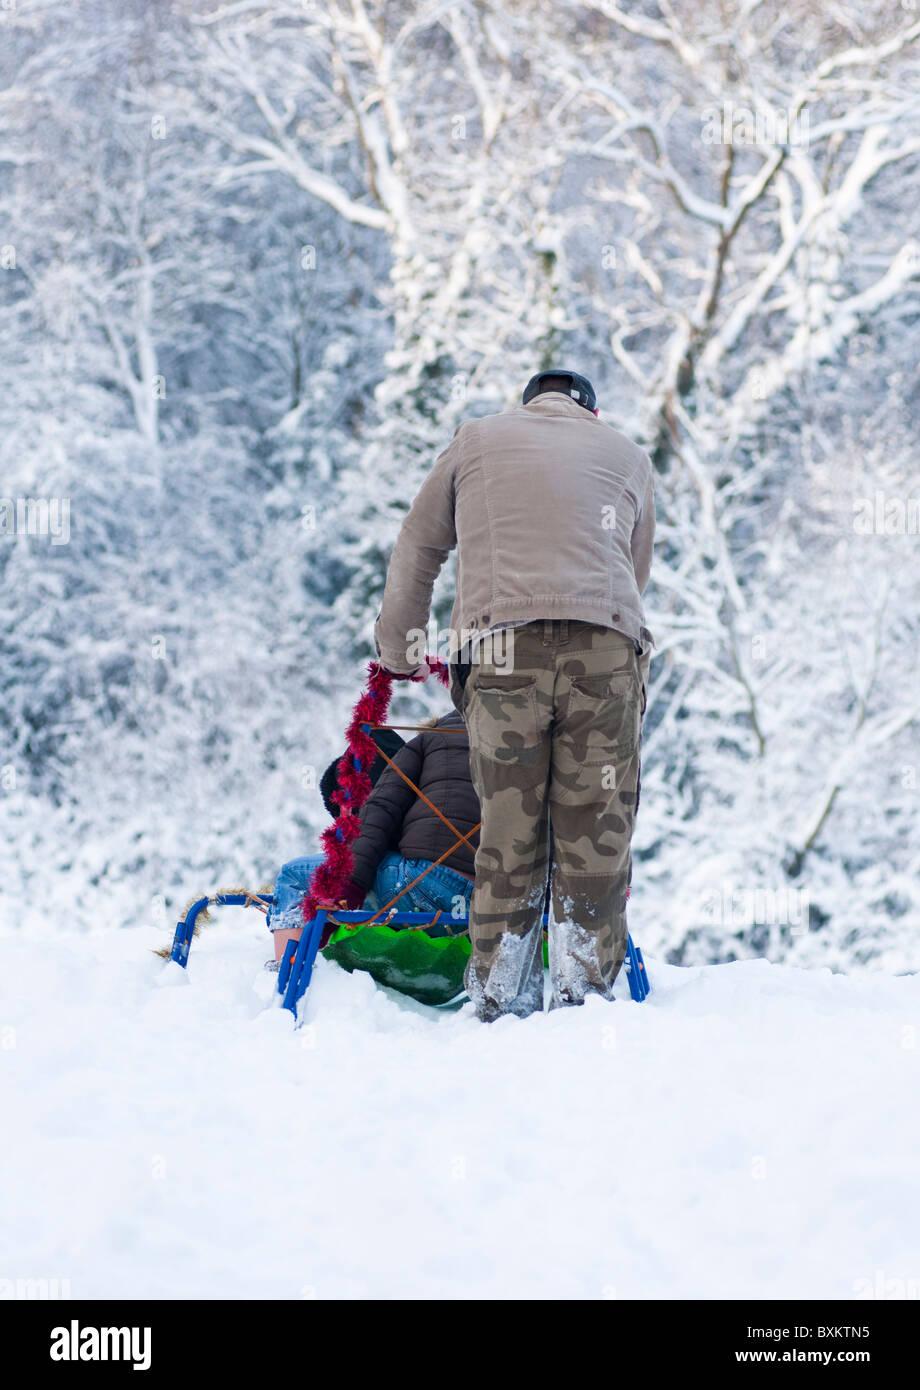 Papa pousse son traîneau d'enfant en bas de la colline dans le Worcestershire, en Angleterre, au cours de l'hiver de 2010. Banque D'Images